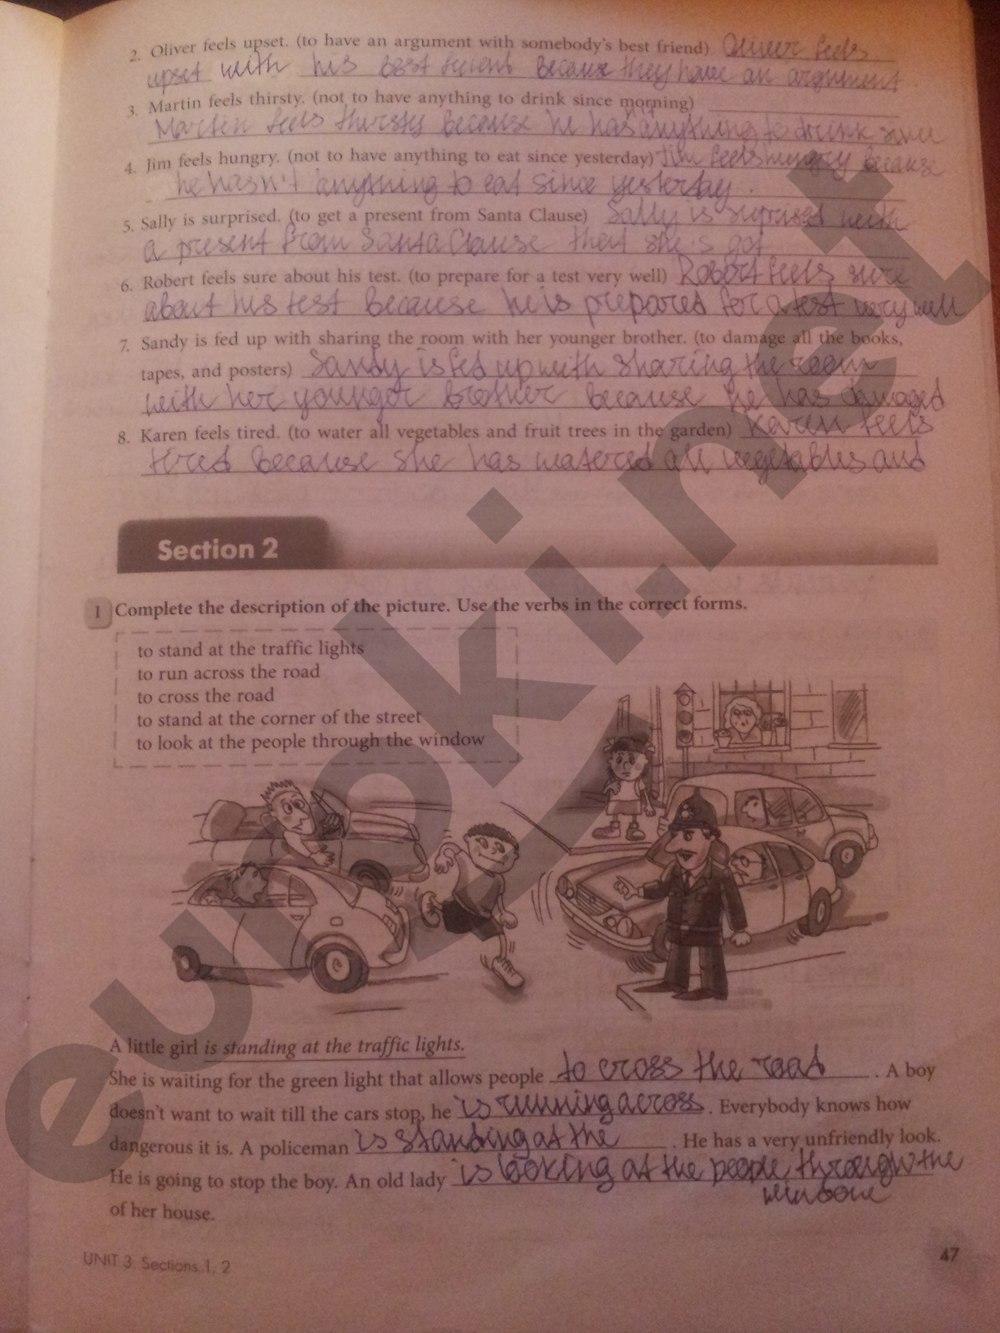 Решебник по рабочей тетради по английскому языку 7 класс биболетова и бабушис